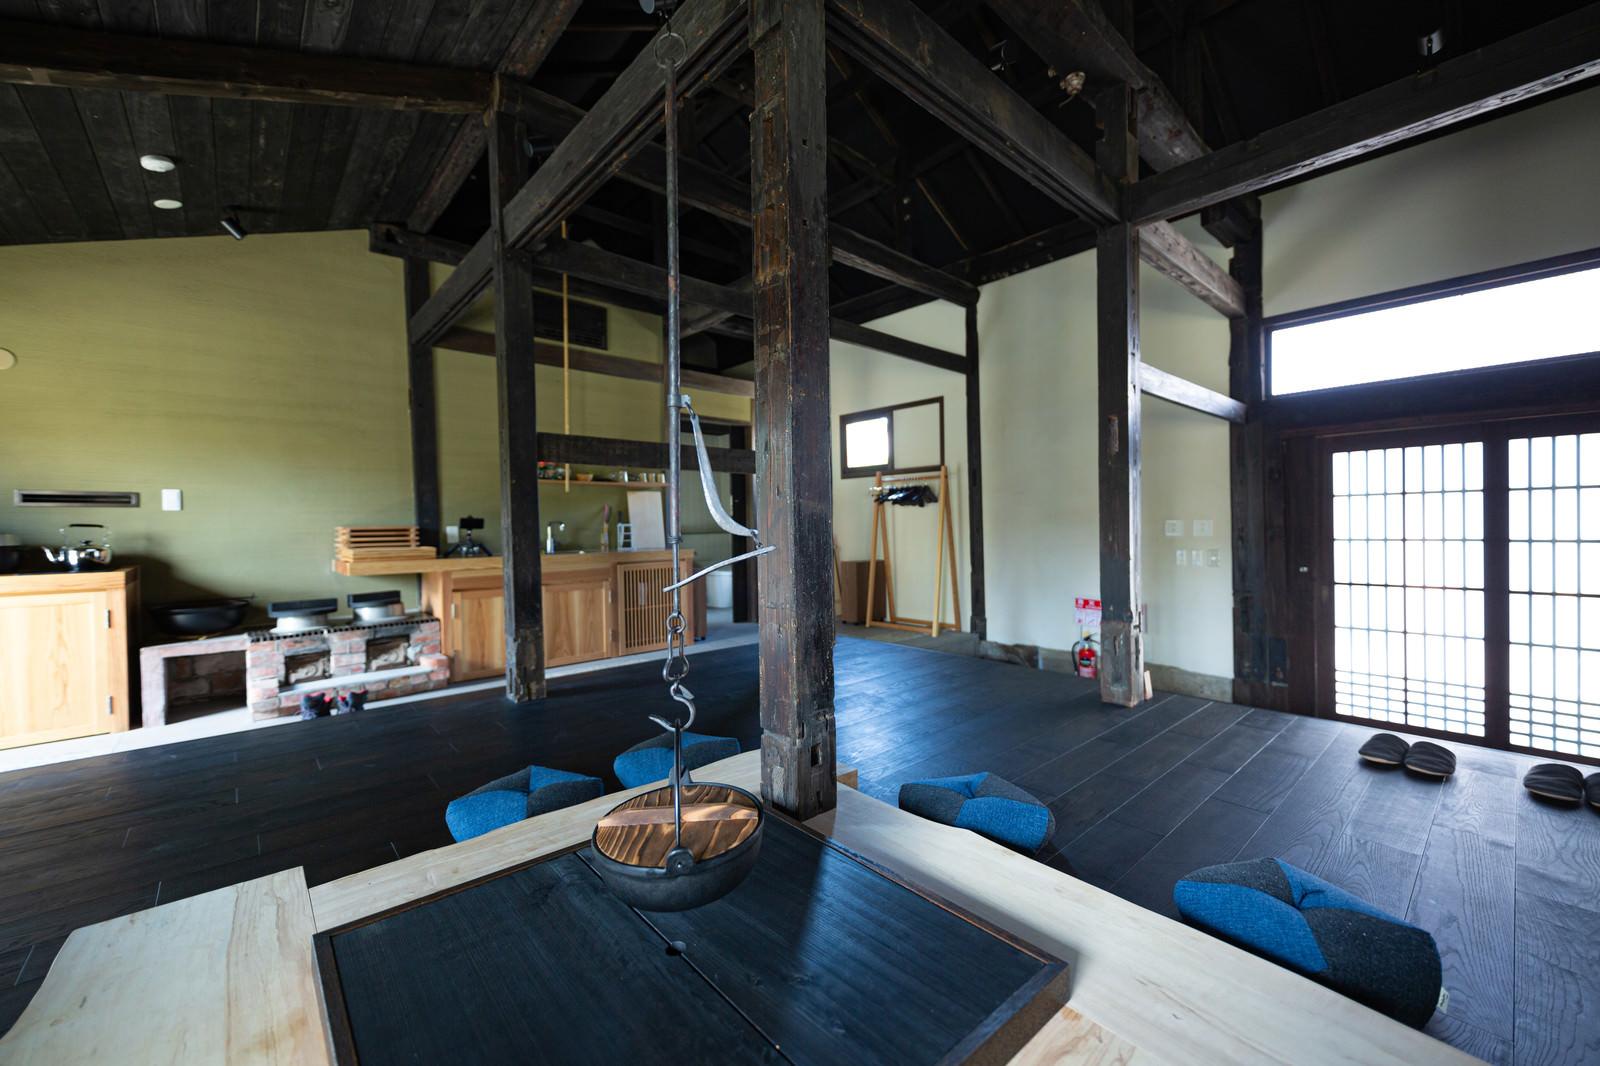 「囲炉裏のある古民家宿」の写真